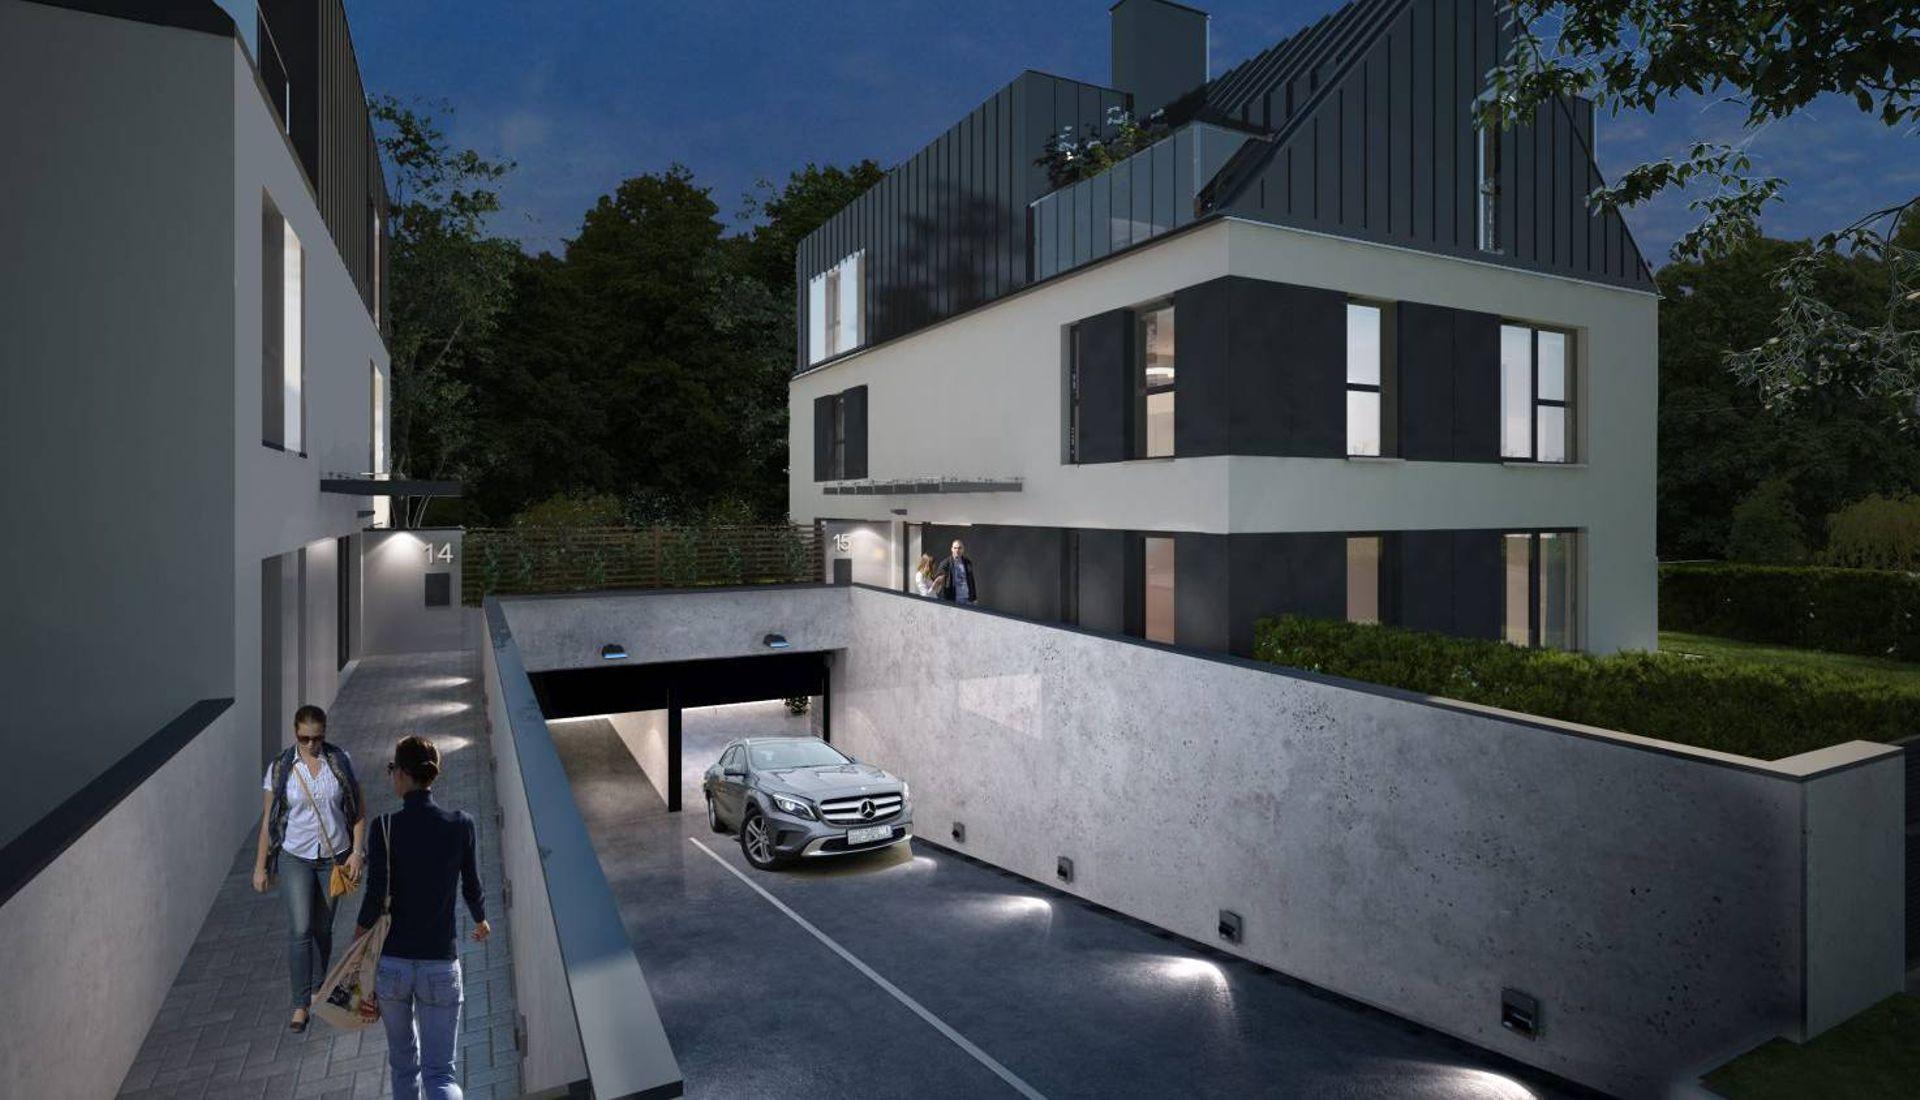 Wrocław: Mirror House – G2 buduje na Złotnikach bliźniacze wille miejskie